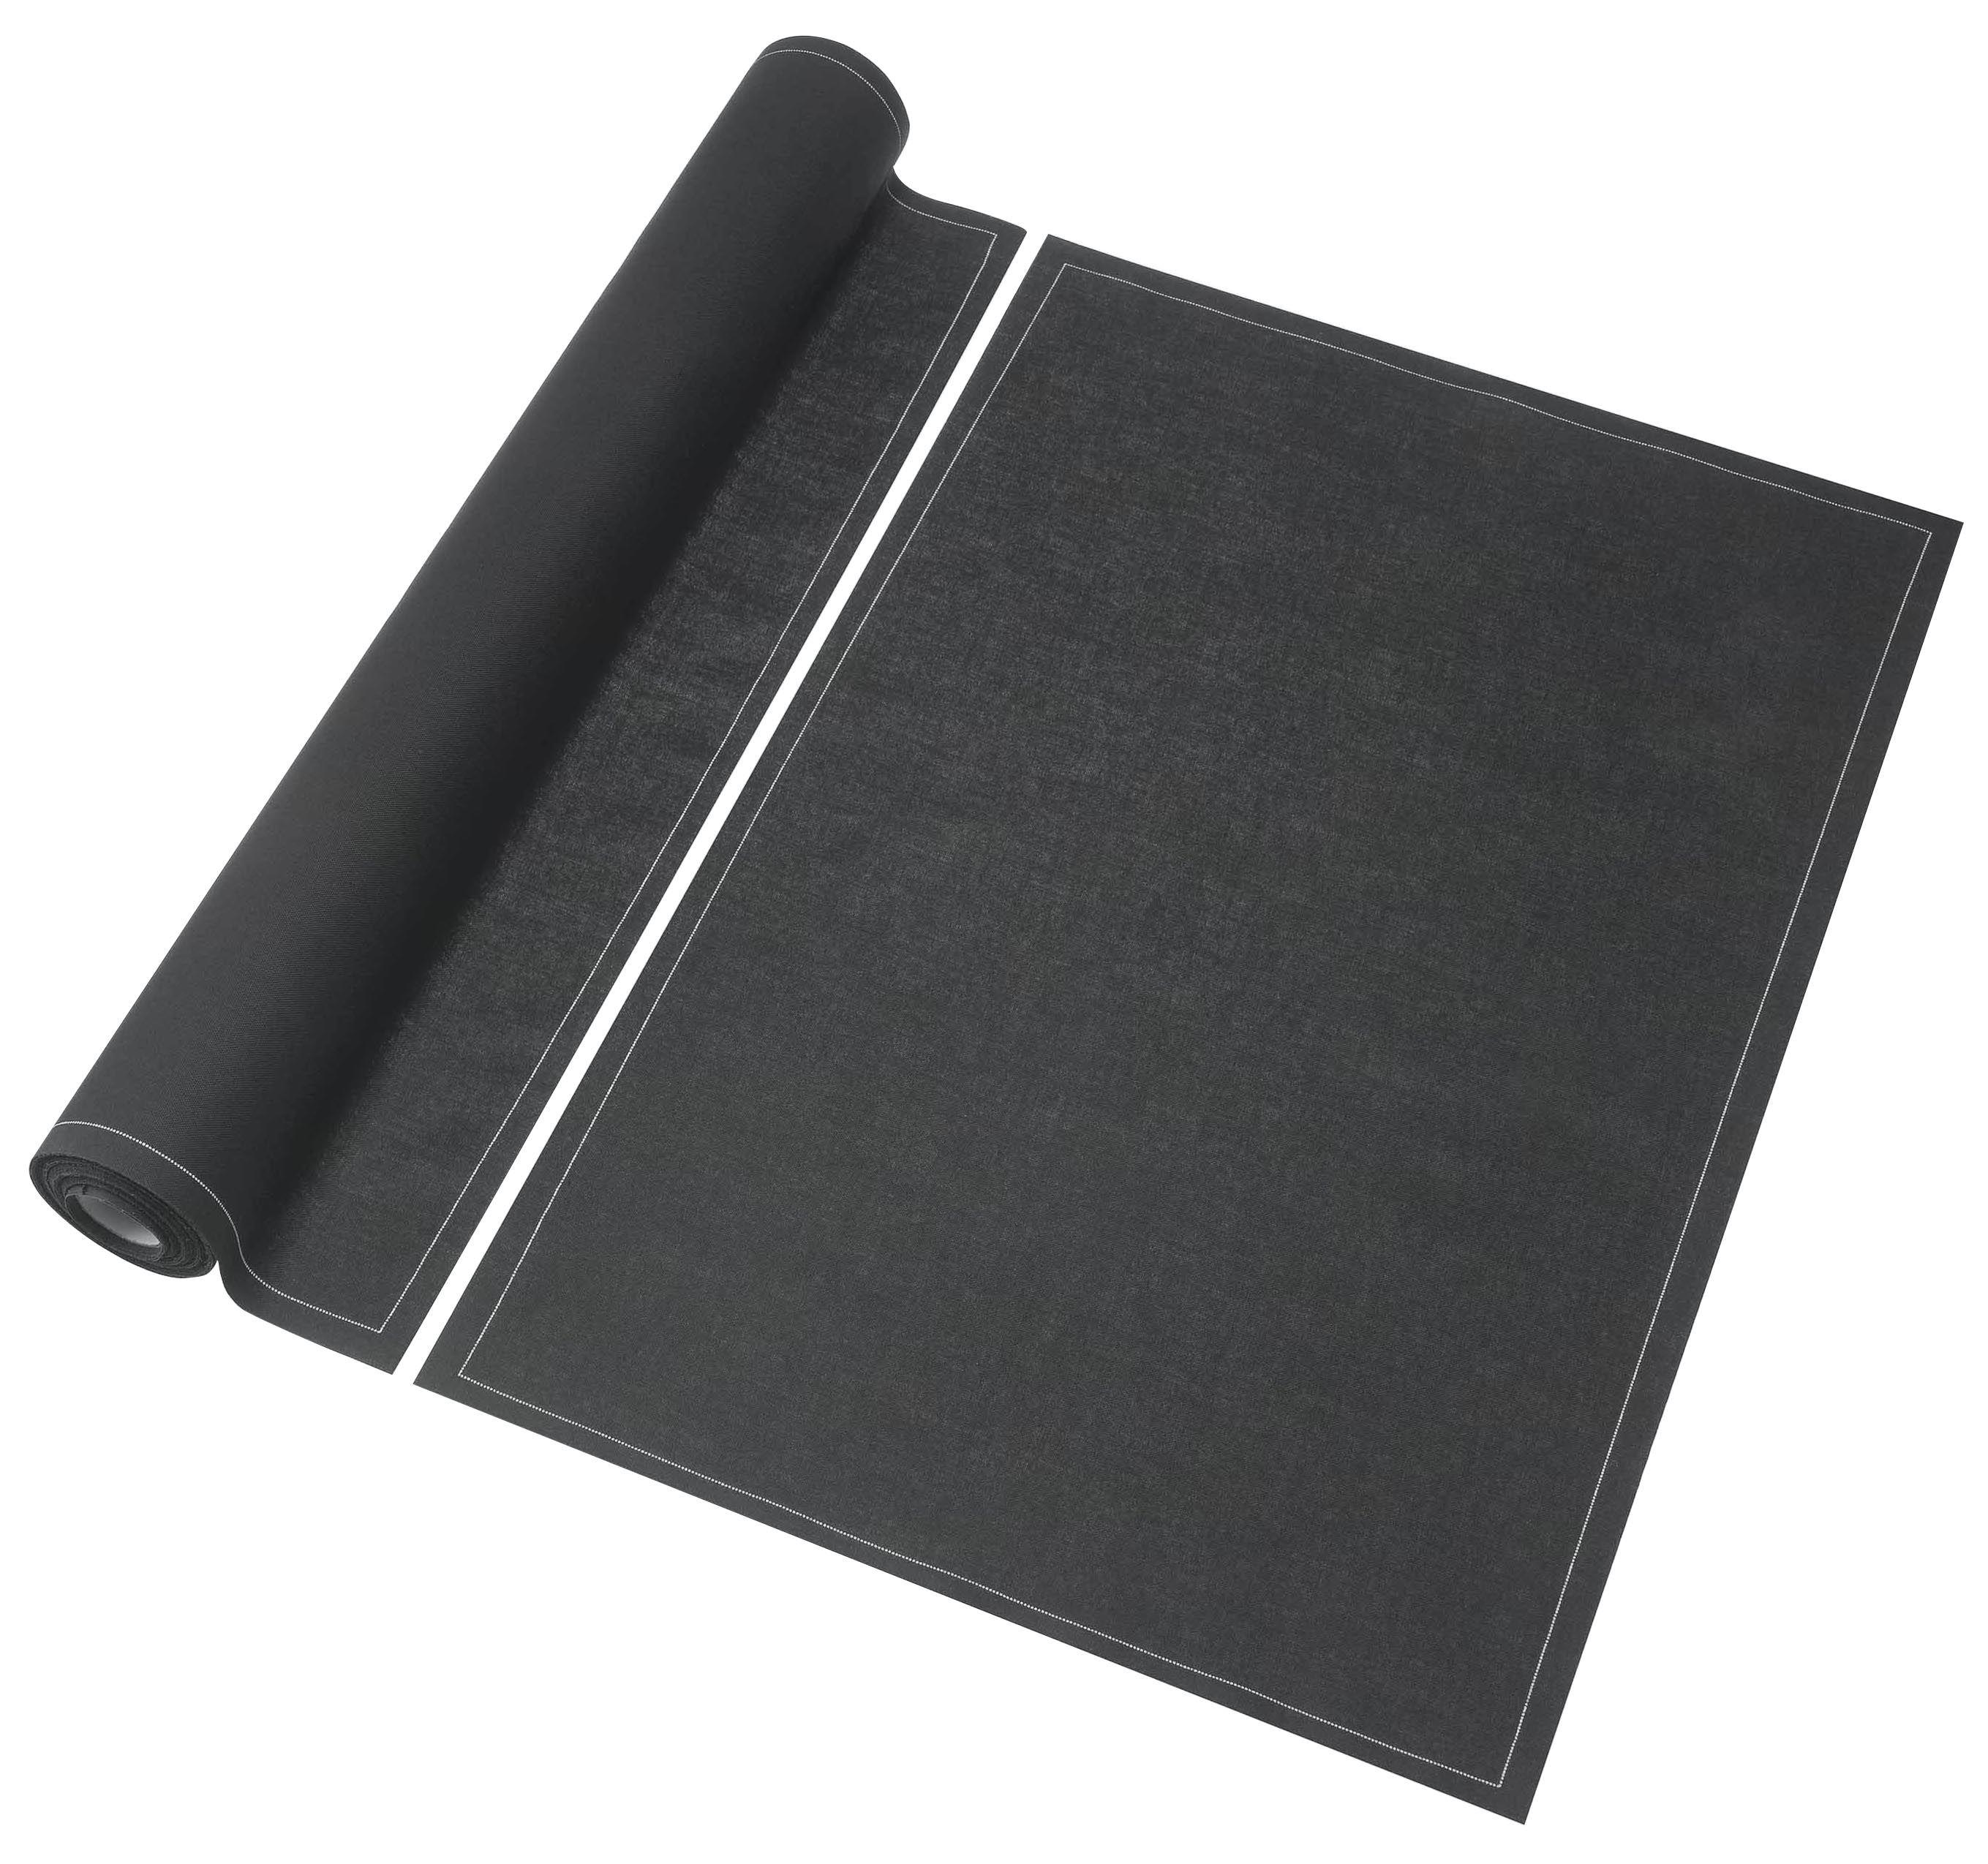 set de table my drap rouleau de 12 sets de table en. Black Bedroom Furniture Sets. Home Design Ideas